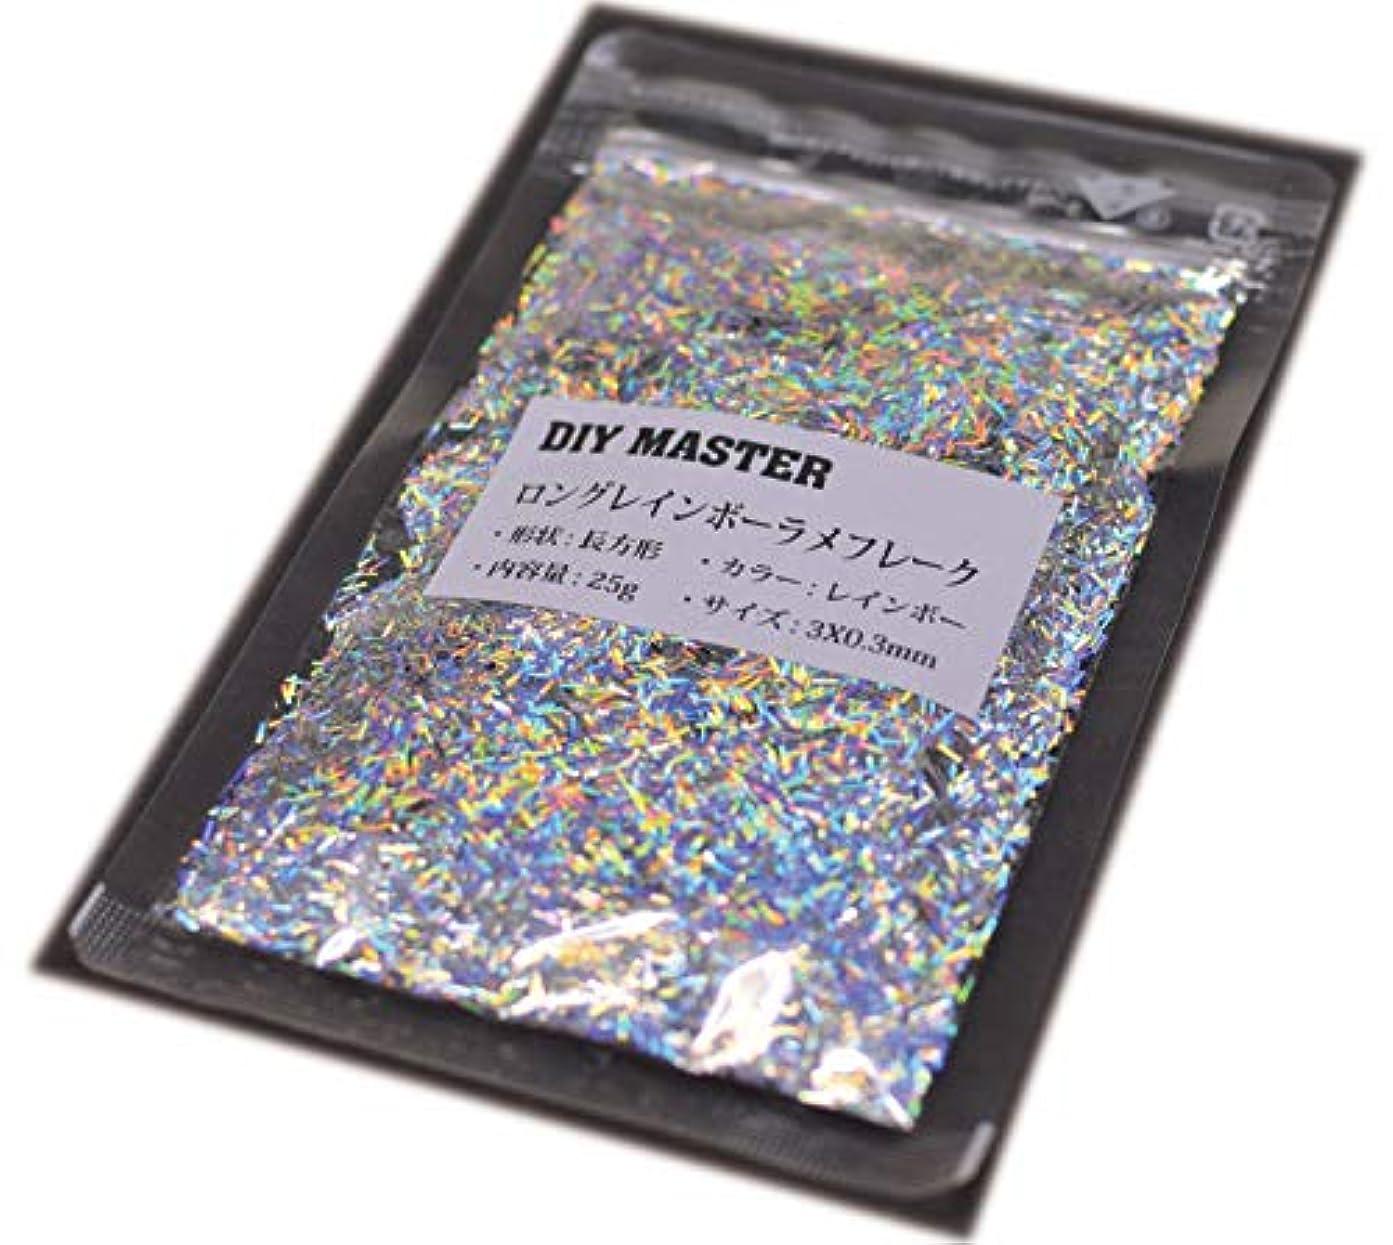 徴収太陽吸収するDIY MASTER レインボー ラメ フレーク ロング 25g(※ワケあり在庫処分品)